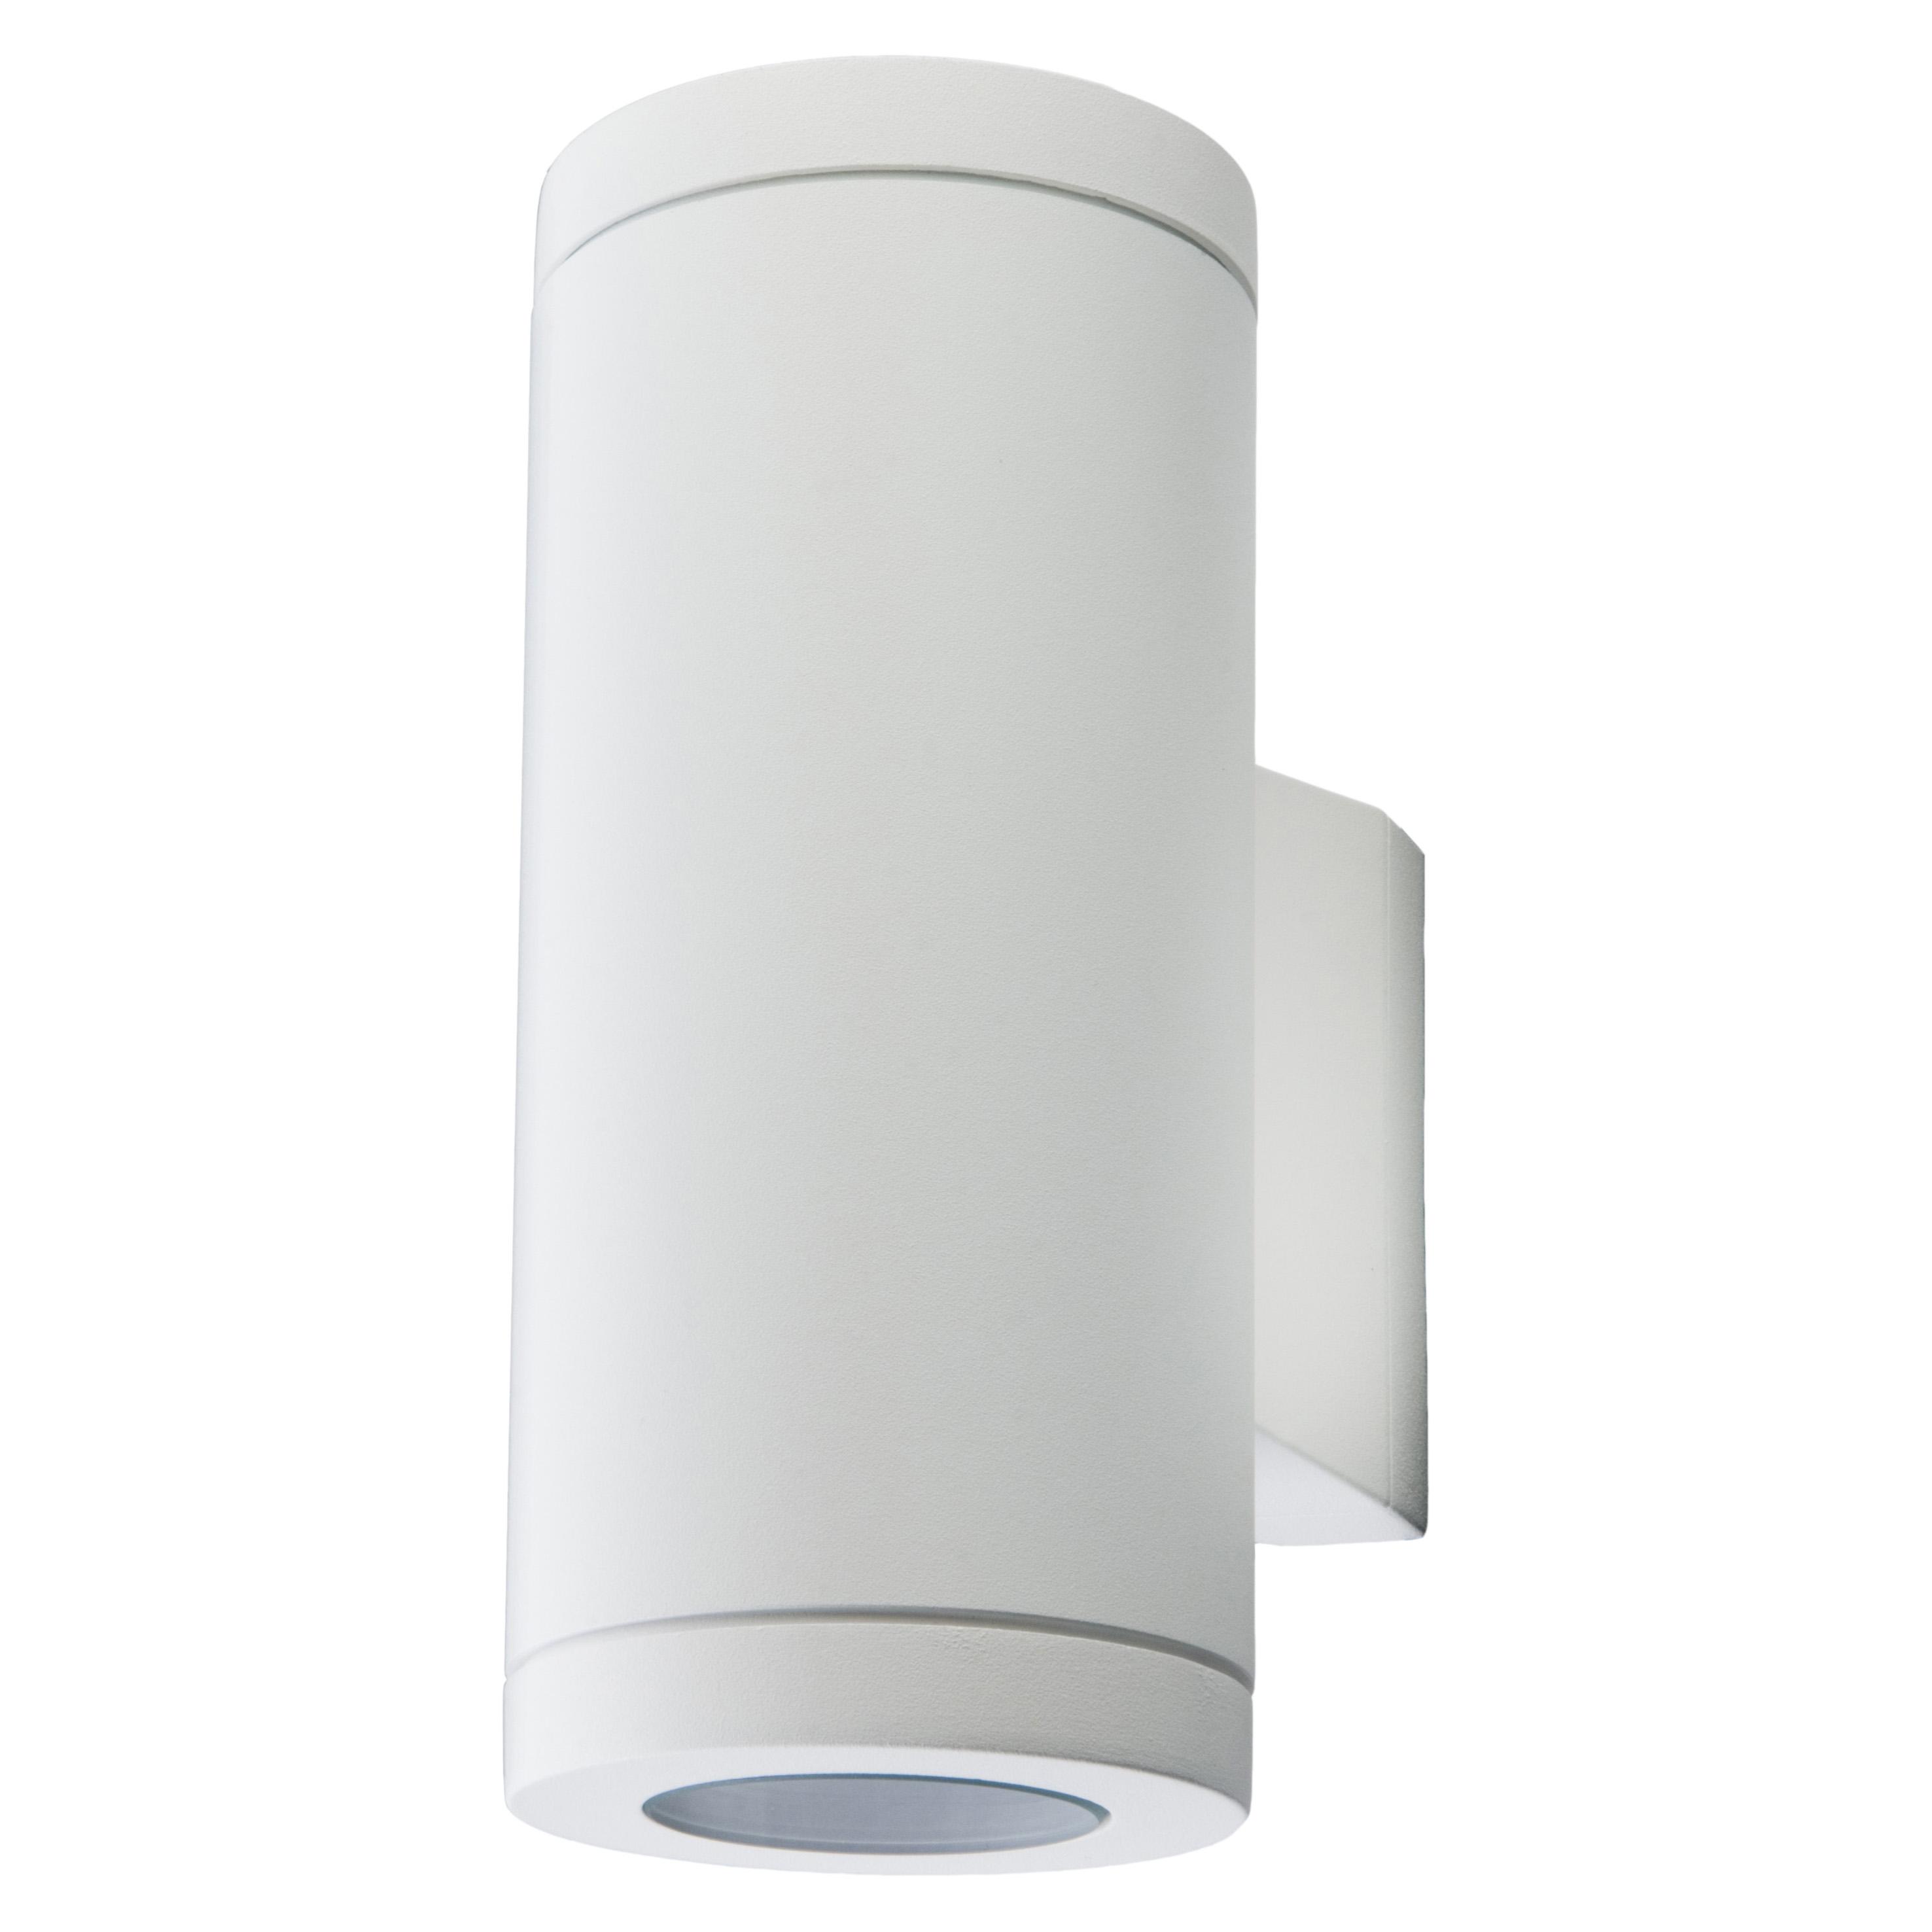 SG lighting LED Metro 2 wit 611692 wand